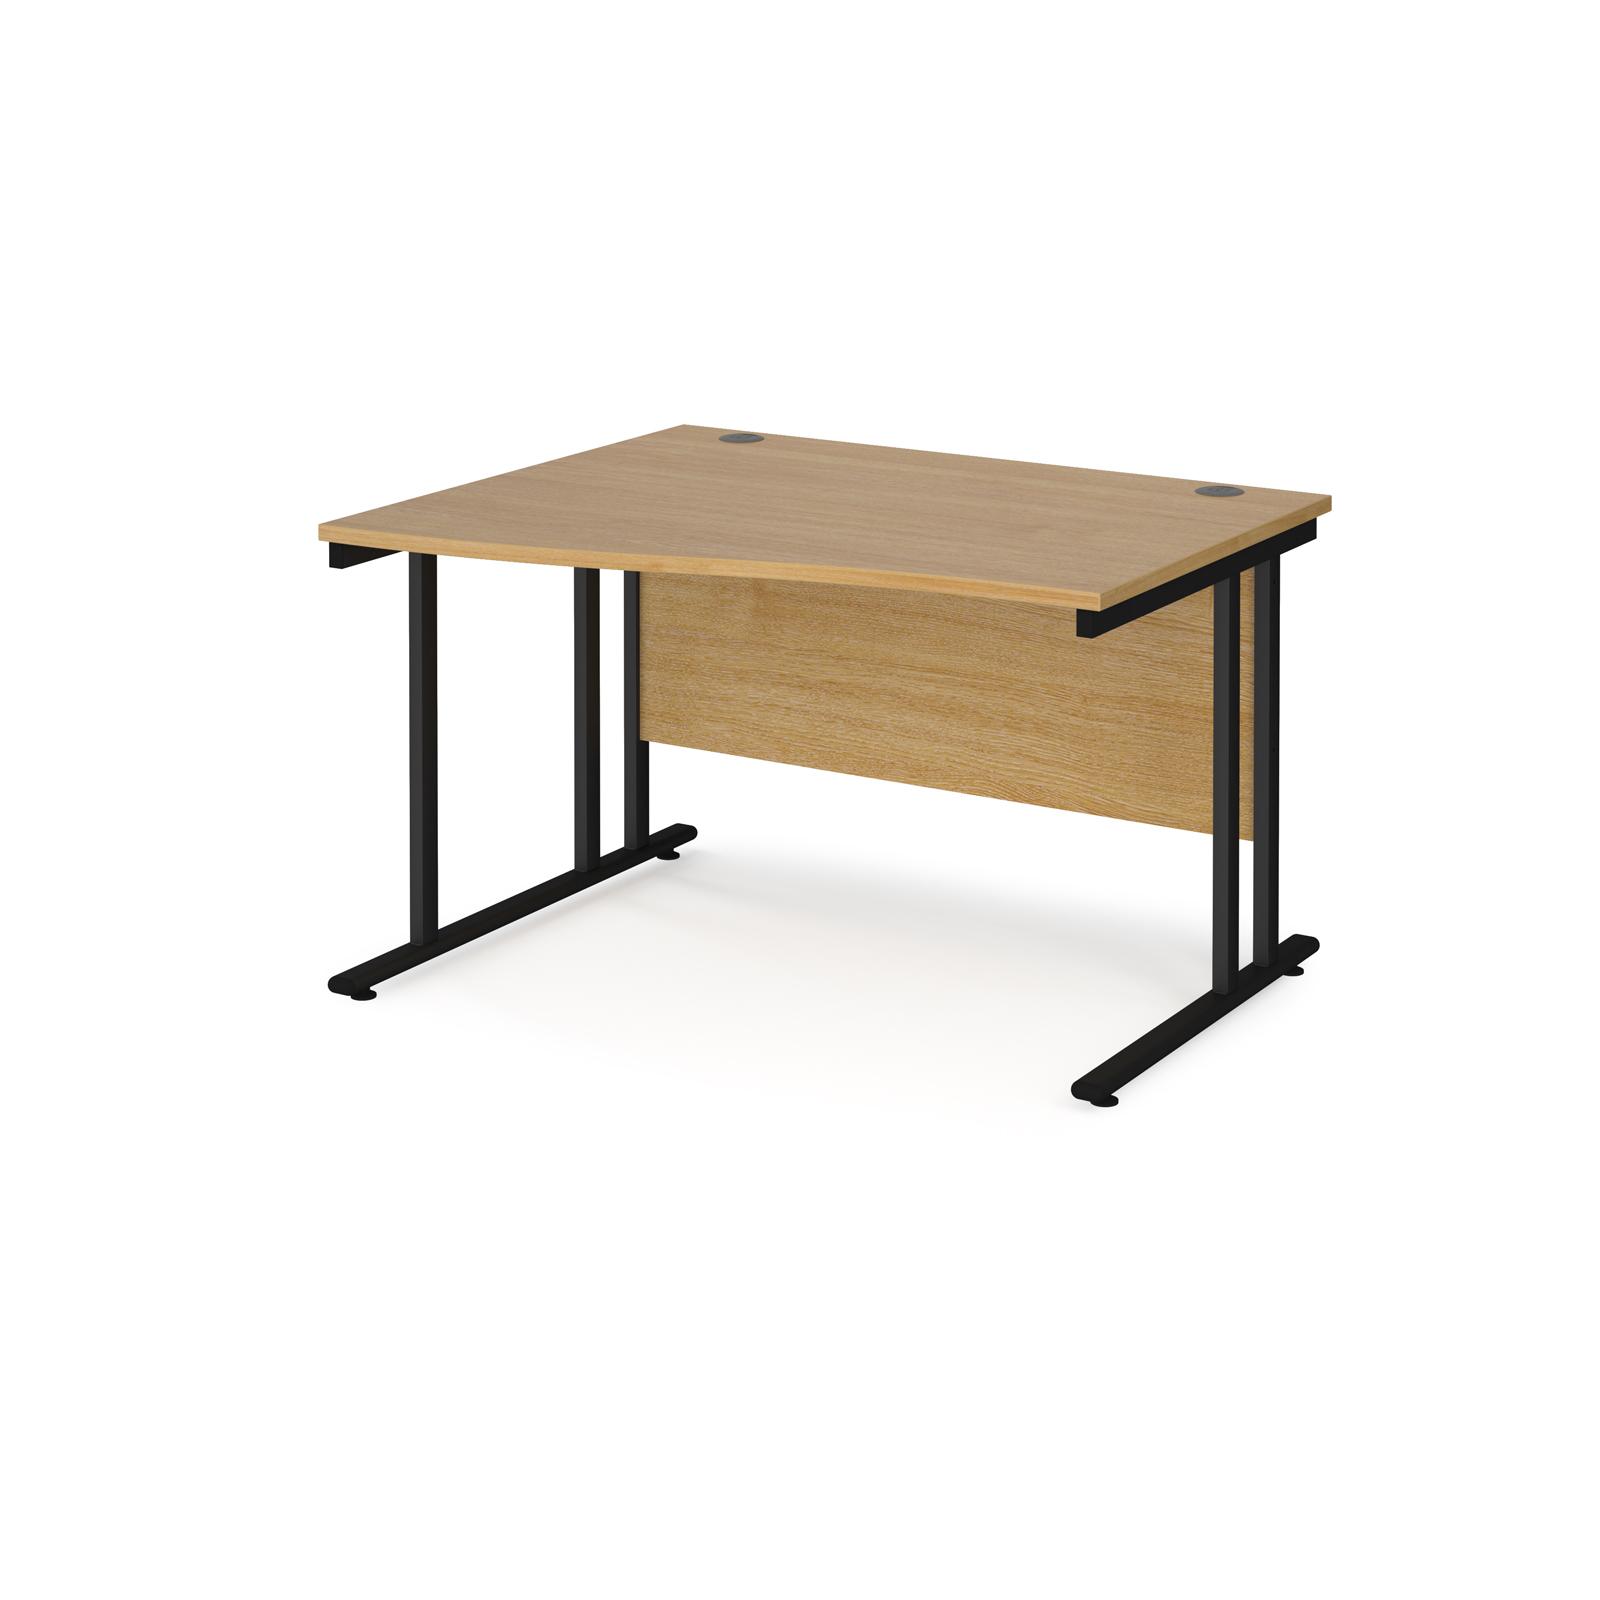 Left Handed Maestro 25 left hand wave desk 1200mm wide - black cantilever leg frame, oak top